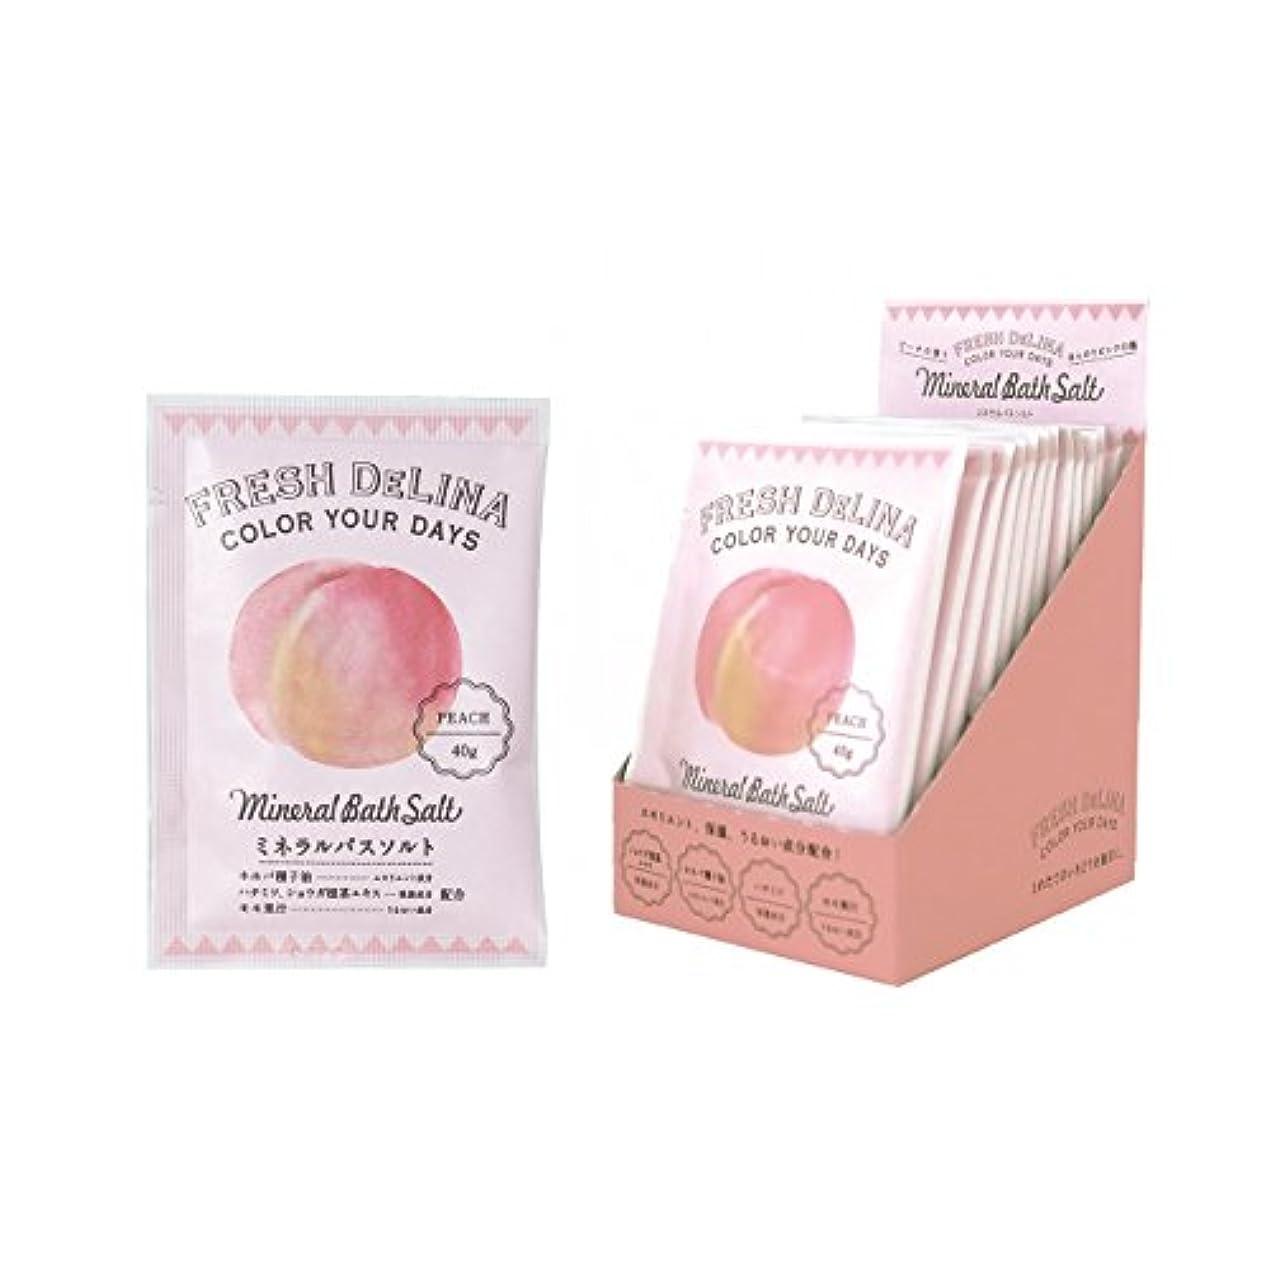 ベーリング海峡節約シャンパンフレッシュデリーナ ミネラルバスソルト40g(ピーチ) 12個 (海塩タイプ入浴料 日本製 みずみずしい桃の香り)